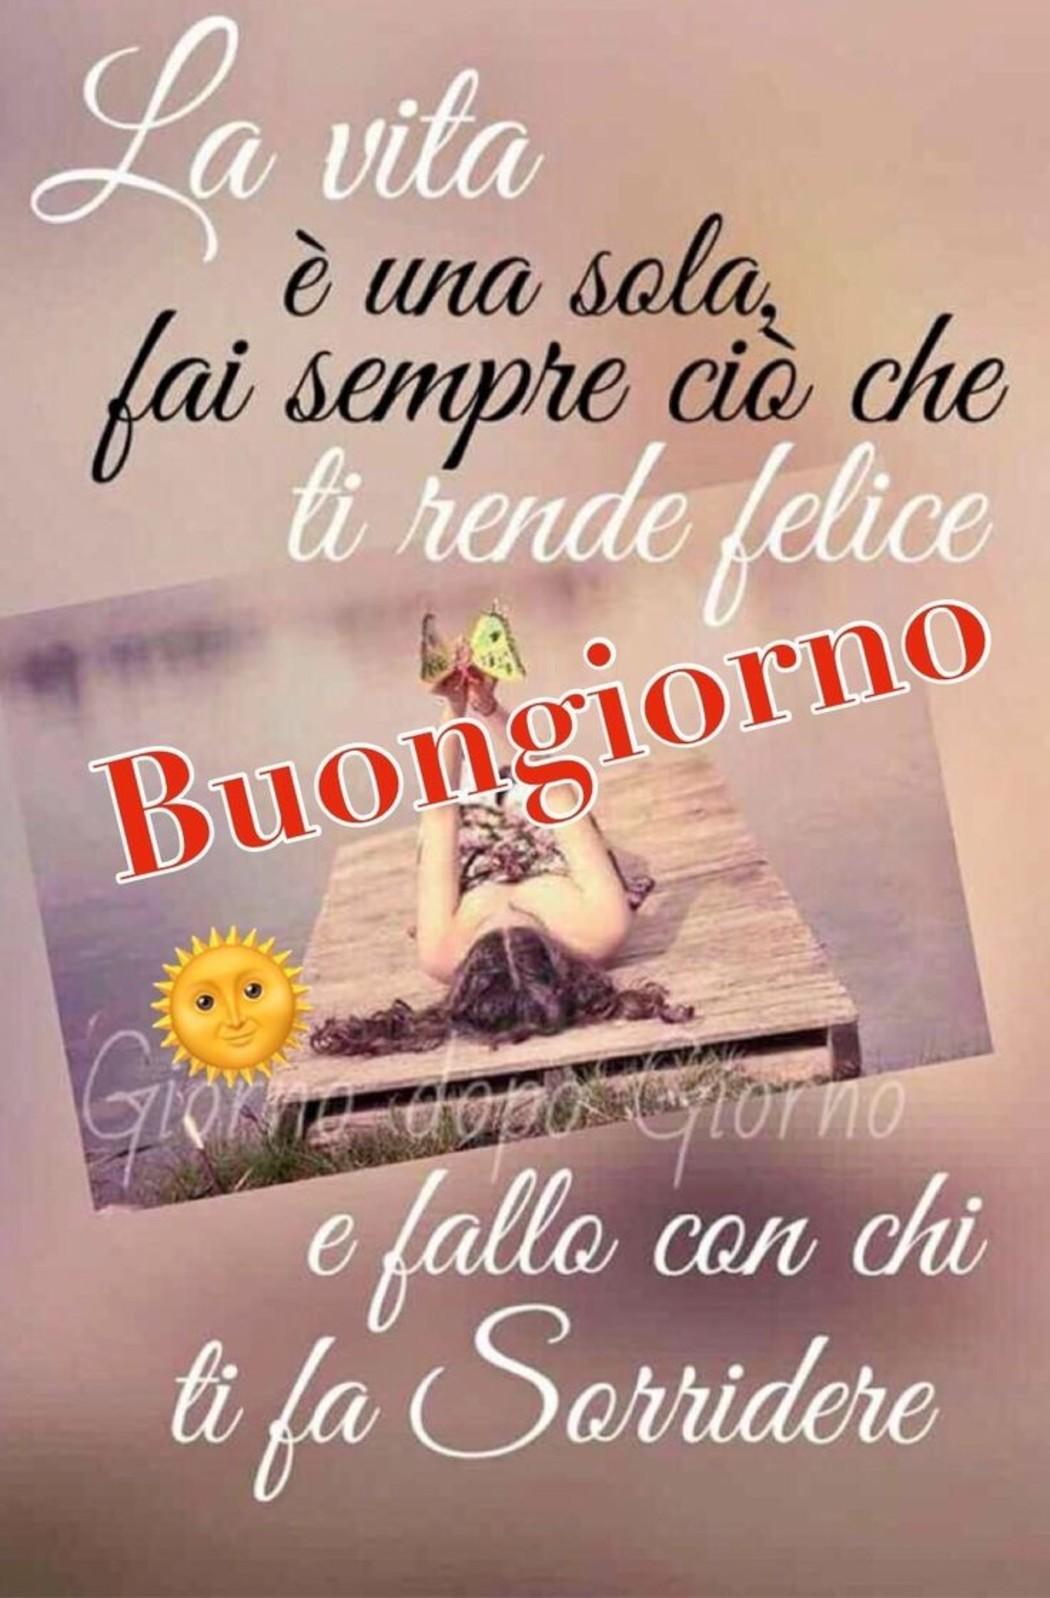 Immagini Buongiorno Con Belle Frasi Fotowhatsapp It